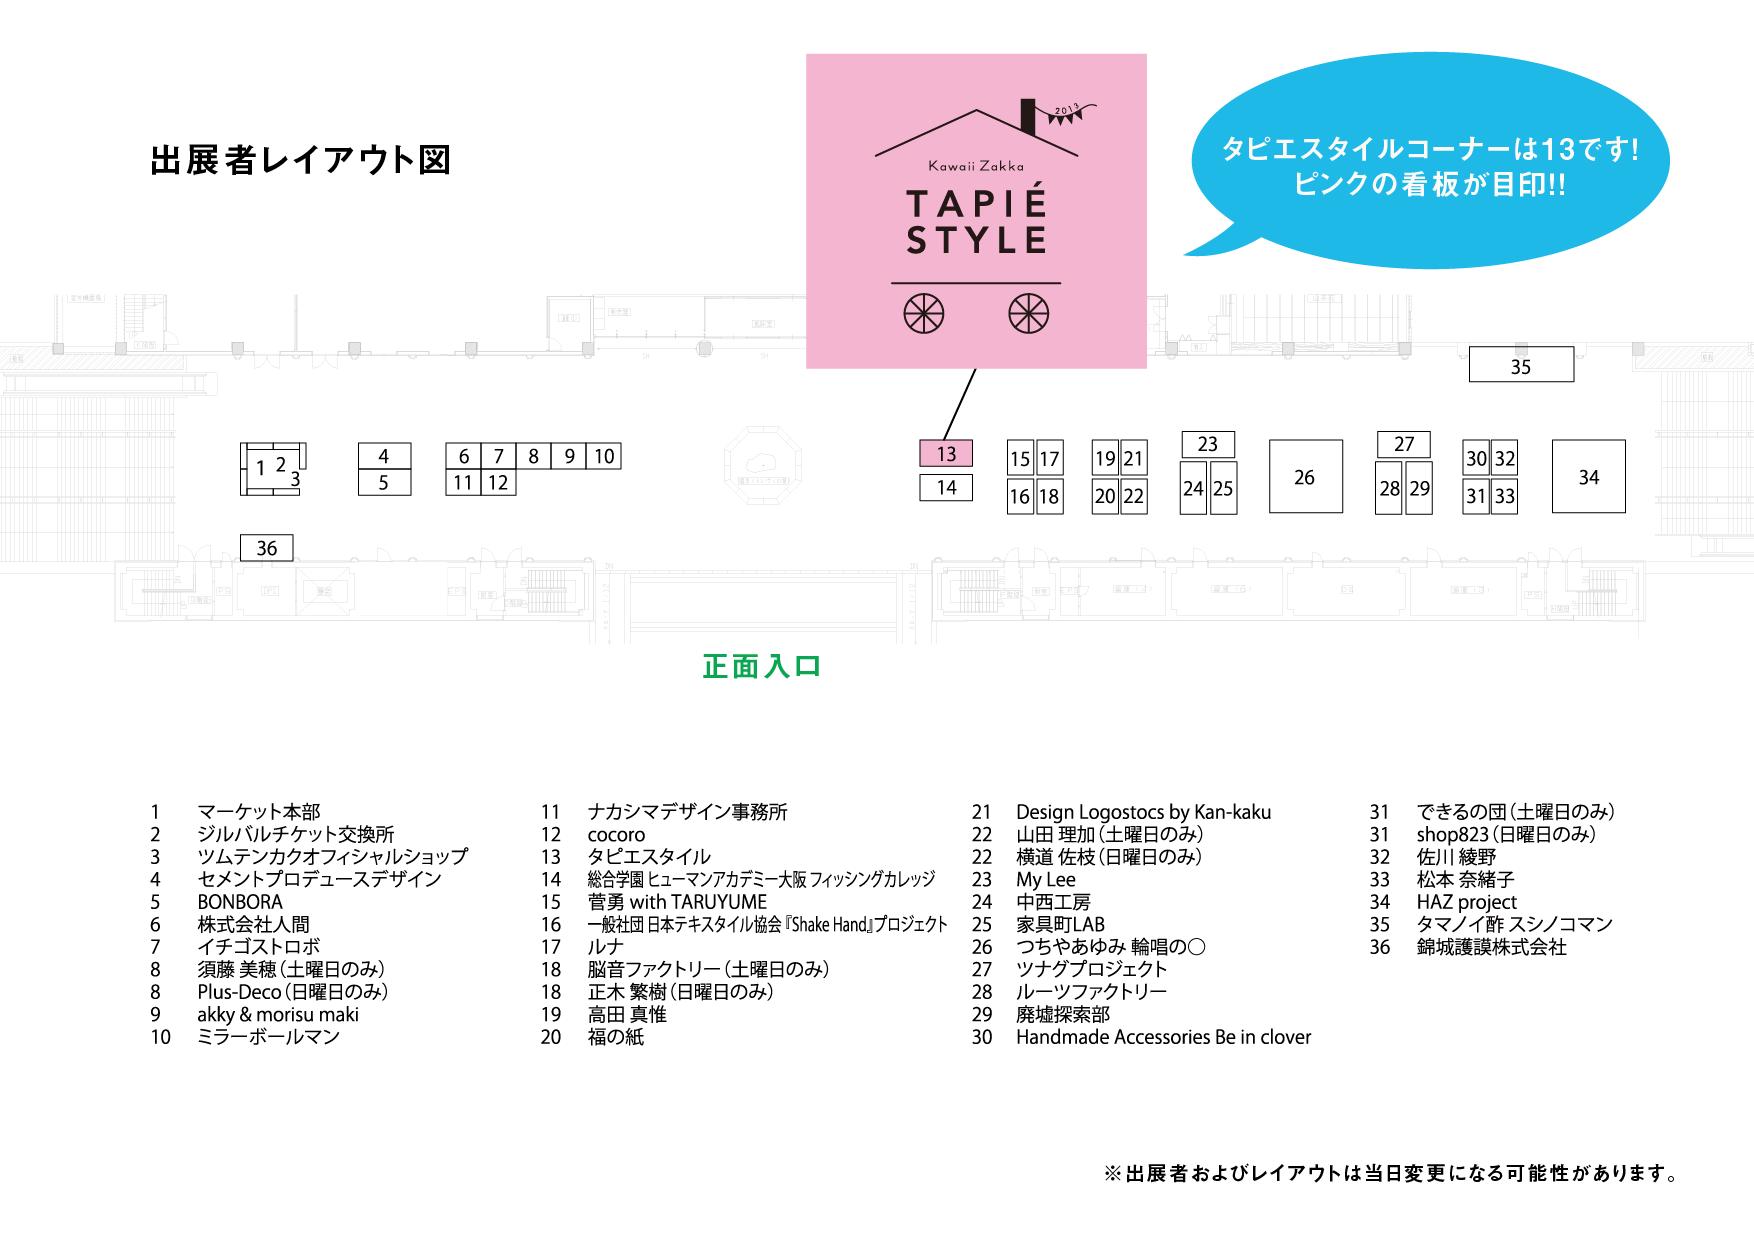 2013マーケットレイアウト-01